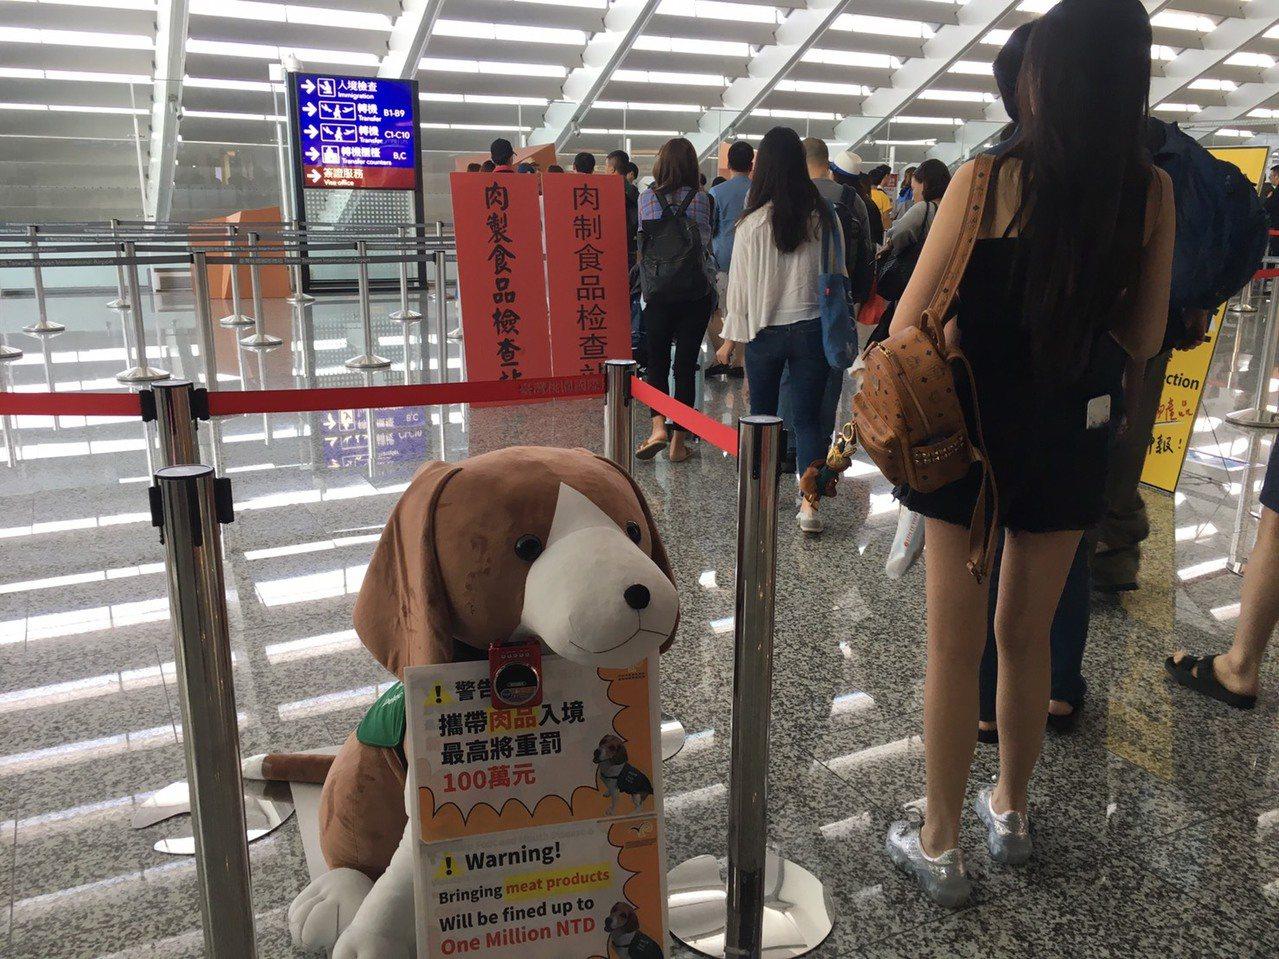 外交部領務局表示,自今天(17日)下午1時起,入境旅客自韓國違規攜帶豬肉產品入境...